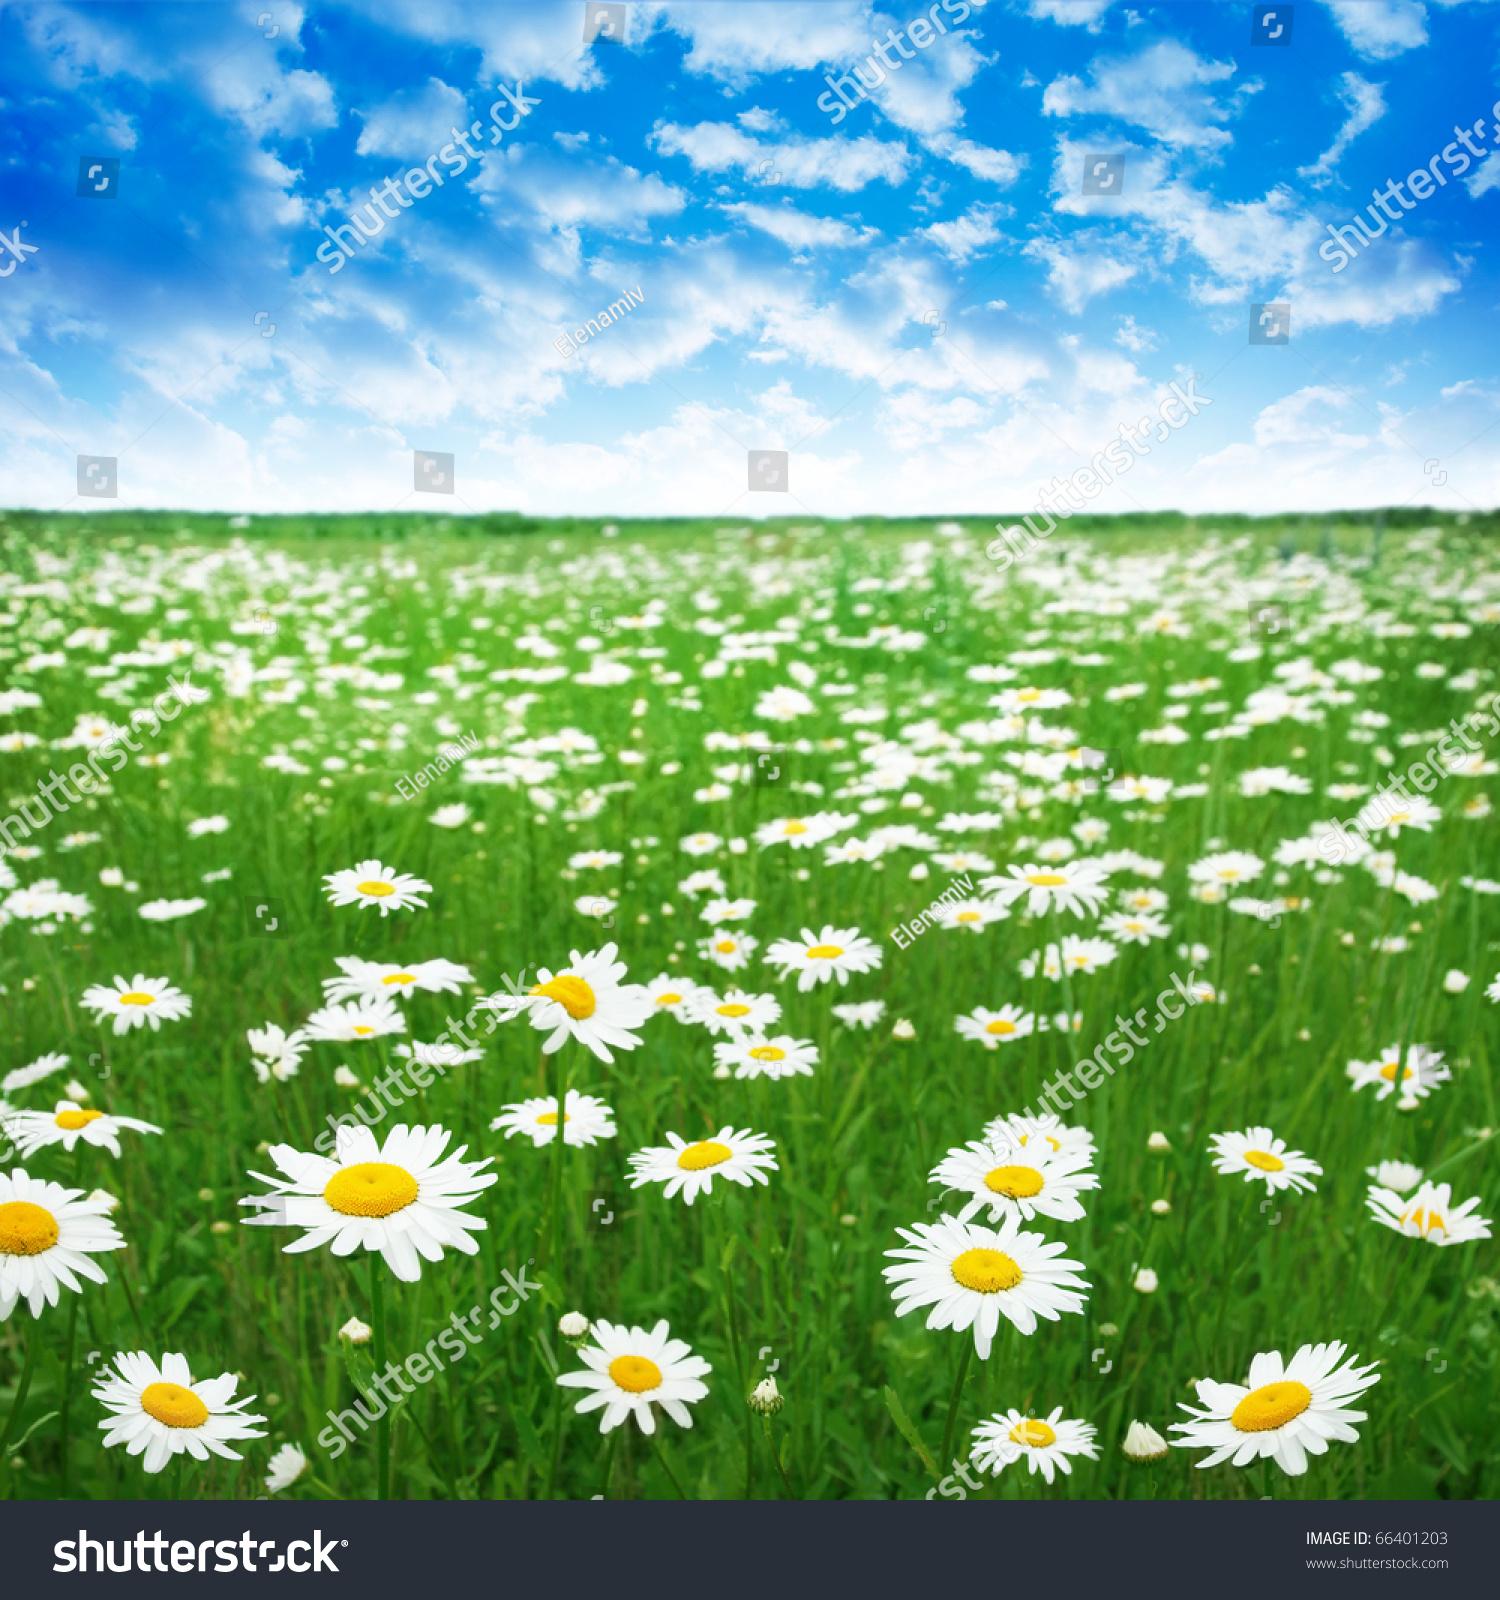 daisy field mountain sky - photo #4